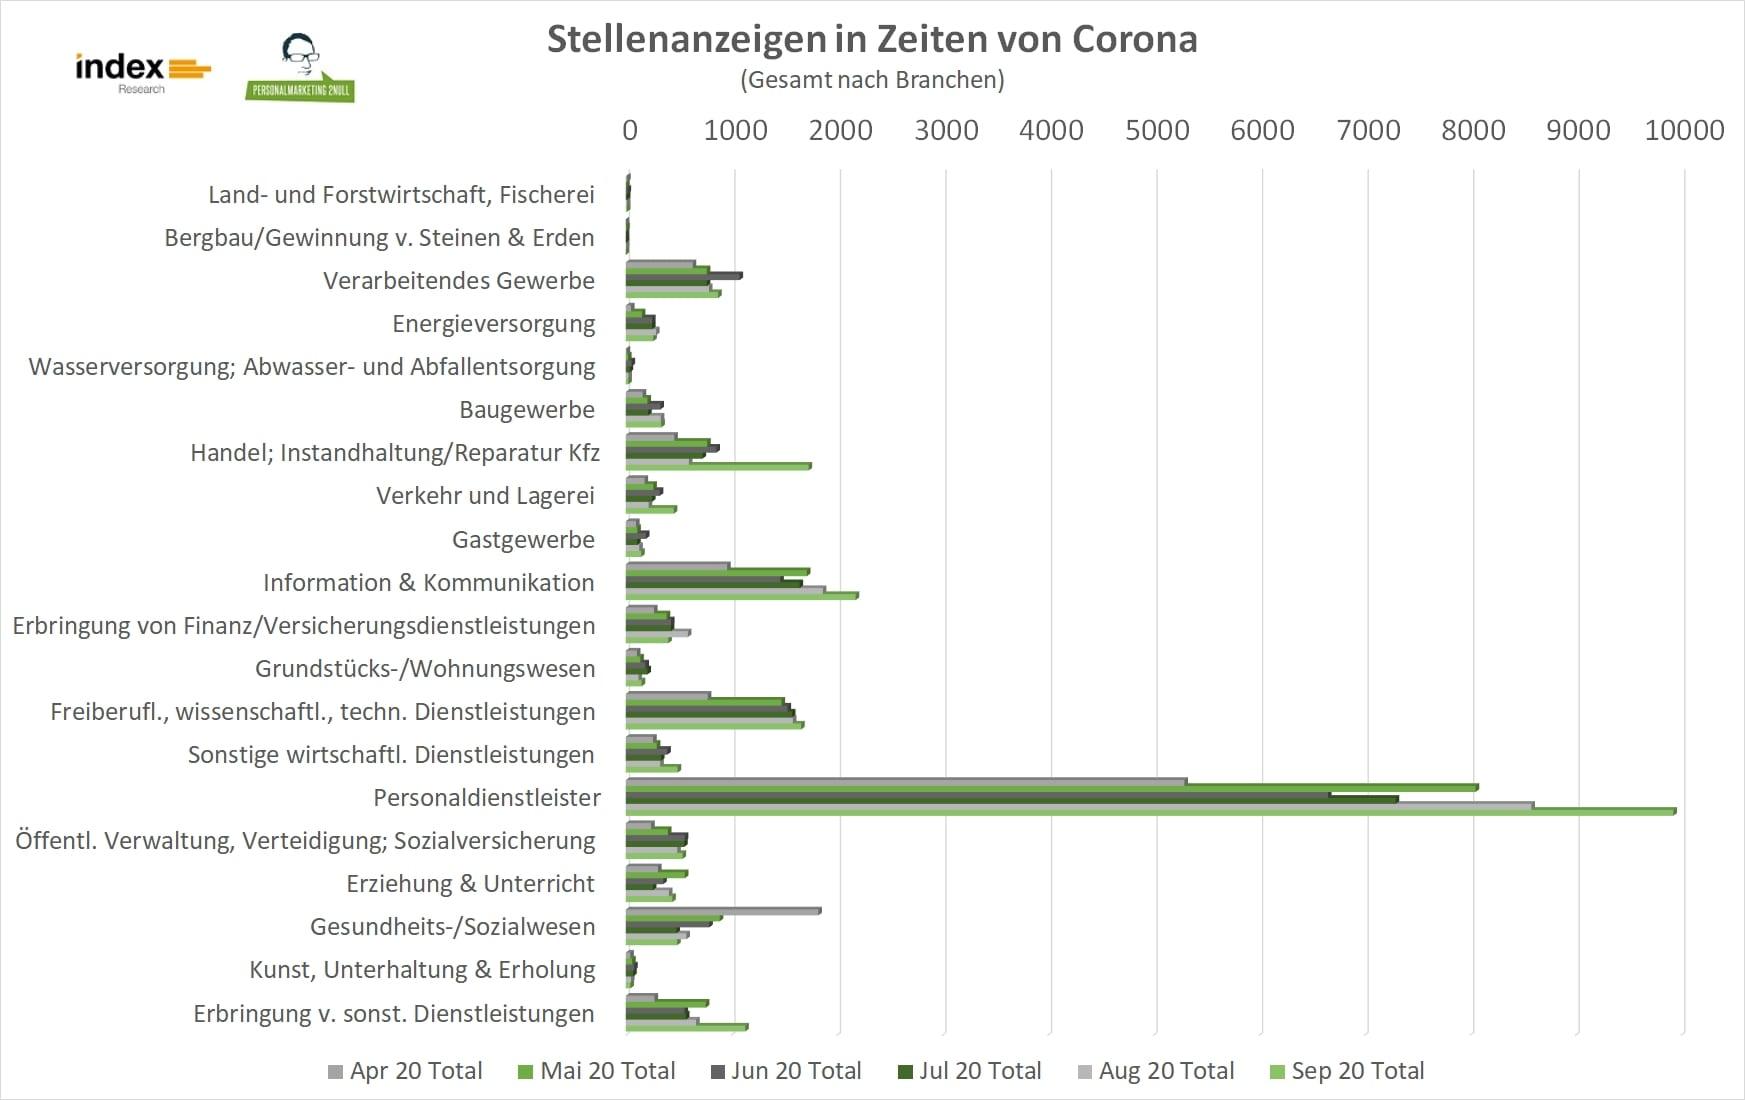 Stellenanzeigen in Zeiten der Corona-Krise, dargestellt nach Branchen